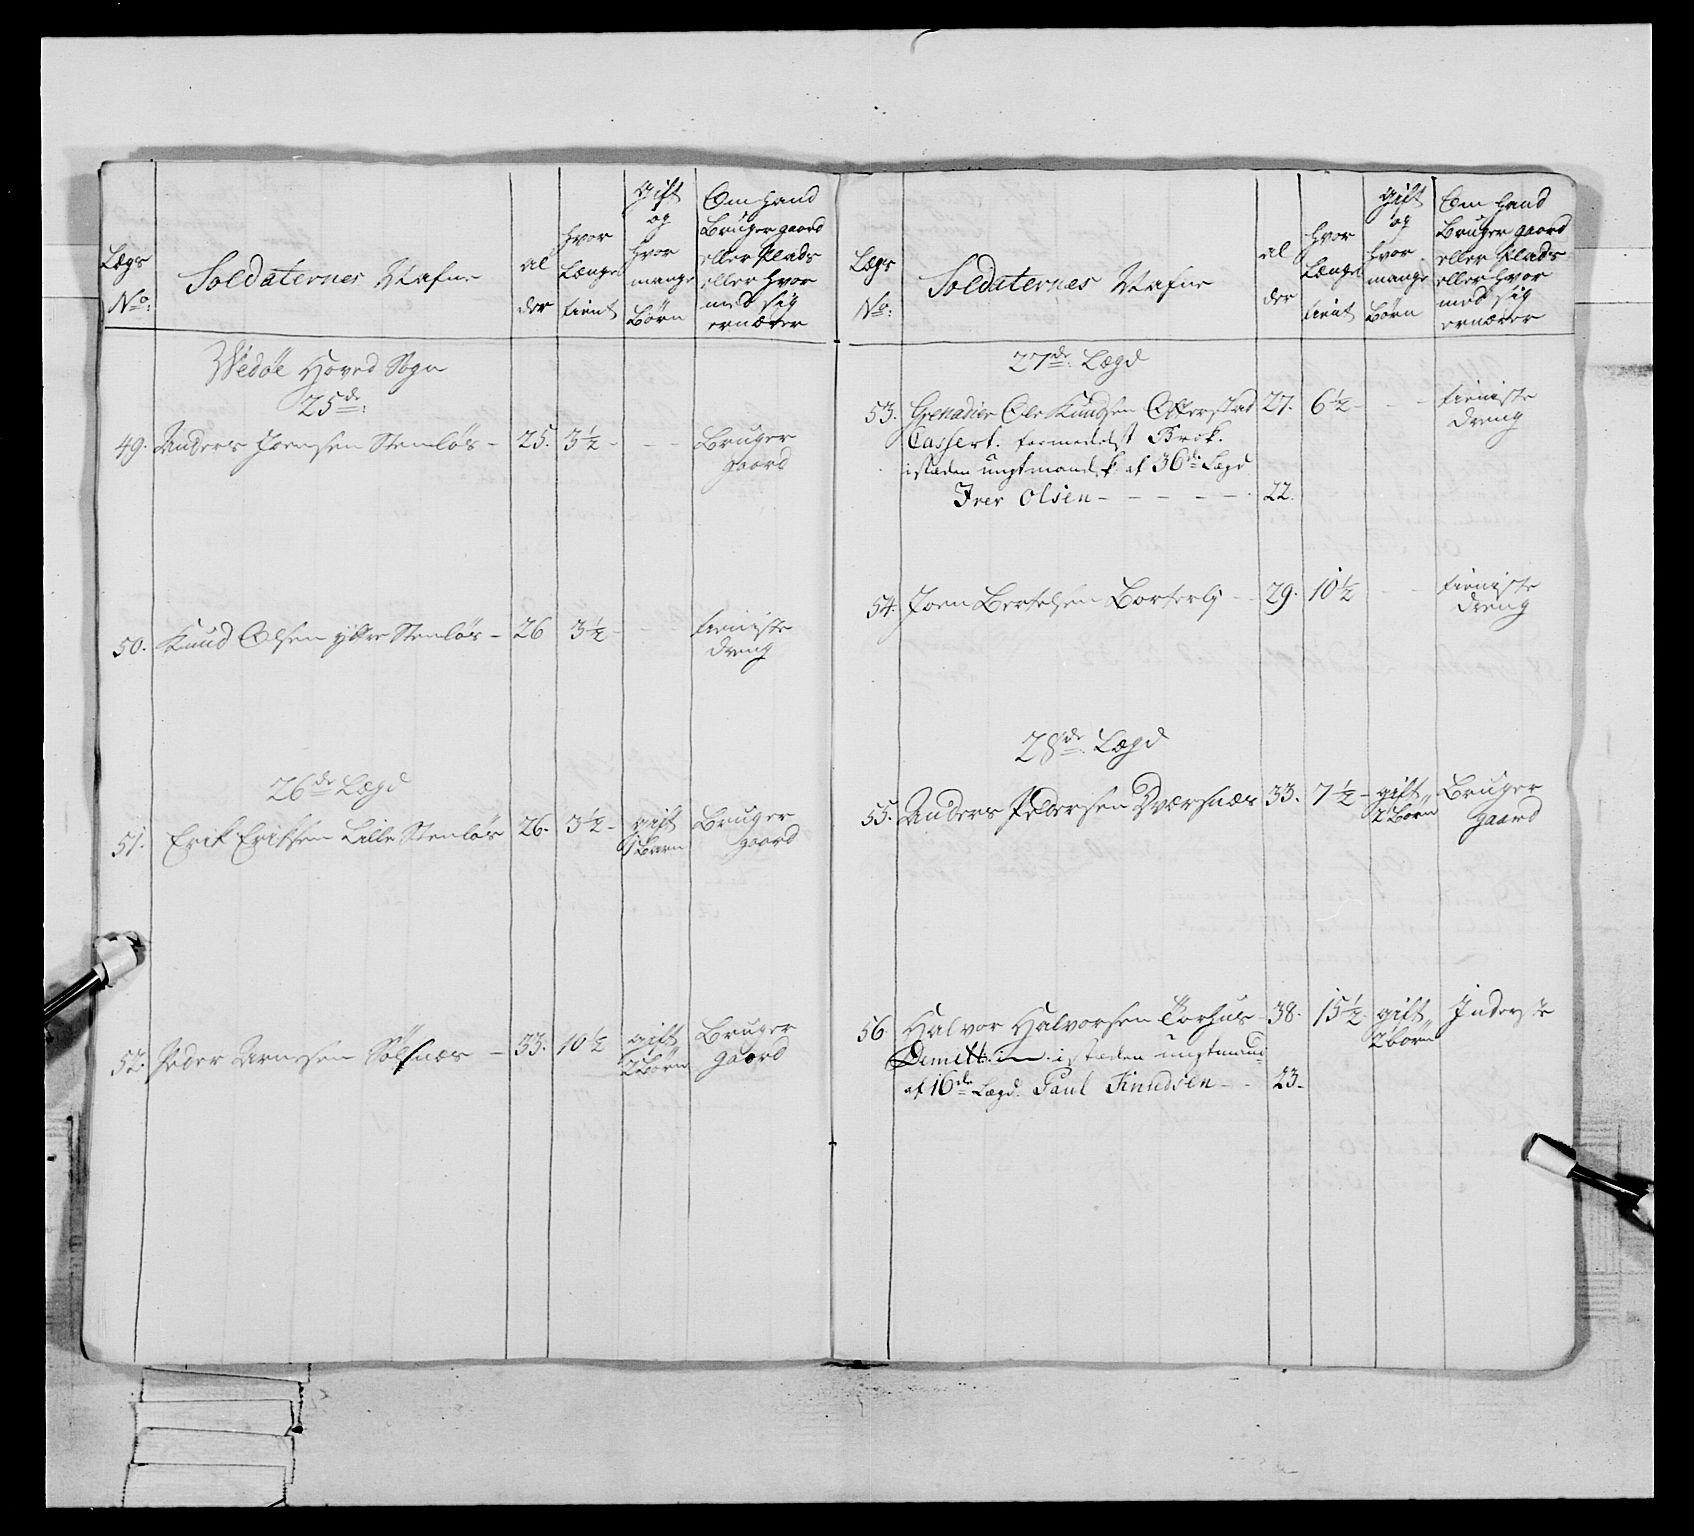 RA, Generalitets- og kommissariatskollegiet, Det kongelige norske kommissariatskollegium, E/Eh/L0076: 2. Trondheimske nasjonale infanteriregiment, 1766-1773, s. 475